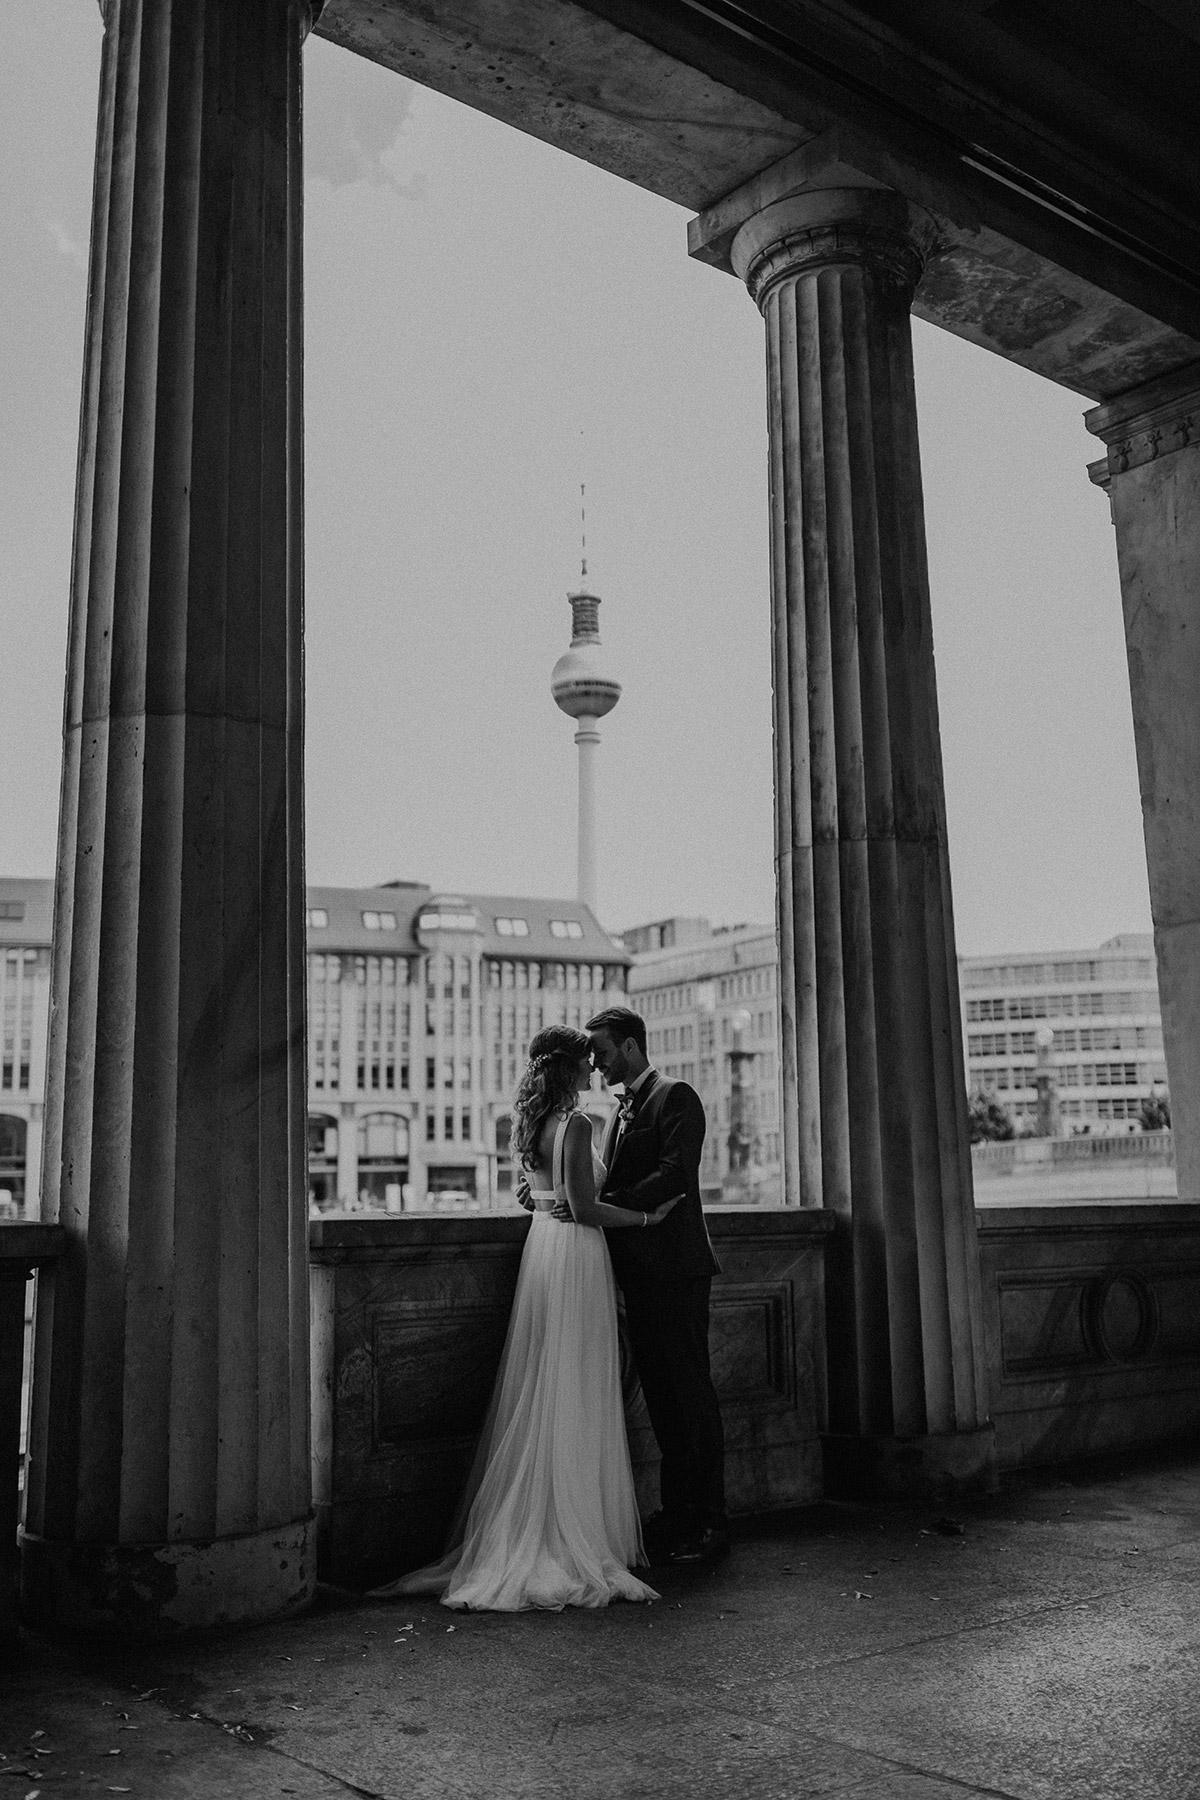 Hochzeitsfoto Brautpaar Berlin-Mitte - Schloss Friedrichsfelde Hochzeitsfotograf © www.hochzeitslicht.de